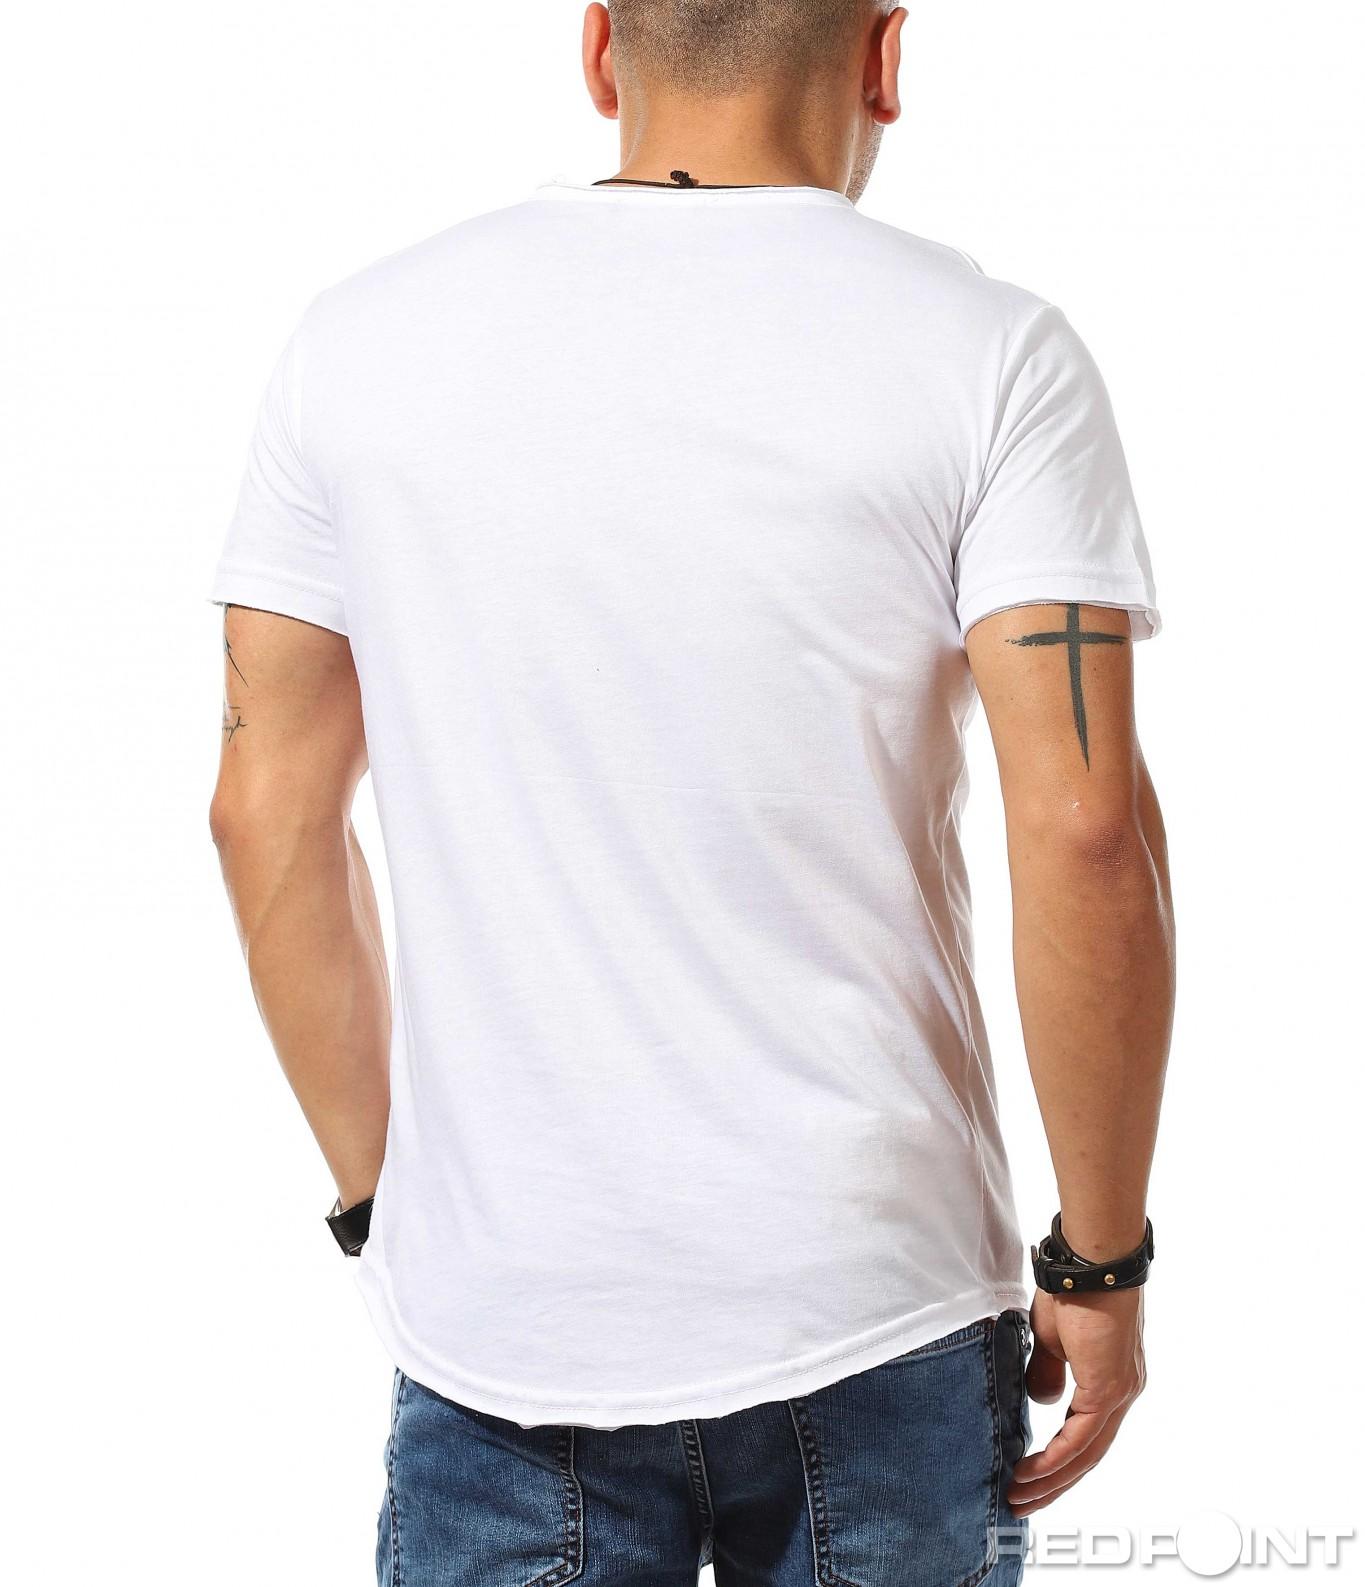 f1d31365cc8 Тениска с дълбоко деколте и копчета 9906 - Red Point Варна